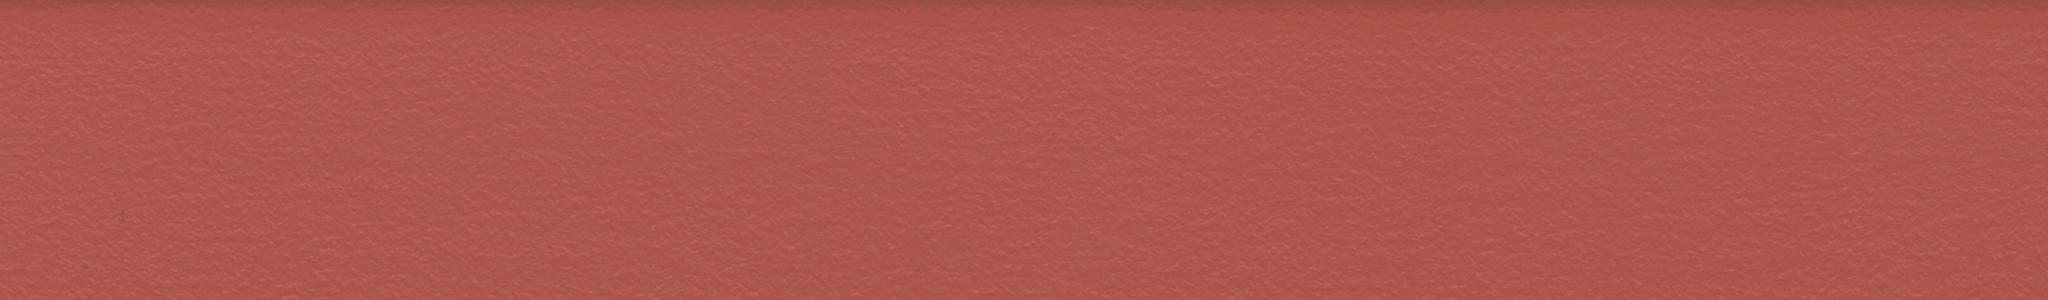 HU 130216 ABS hrana červená perla jemná 107